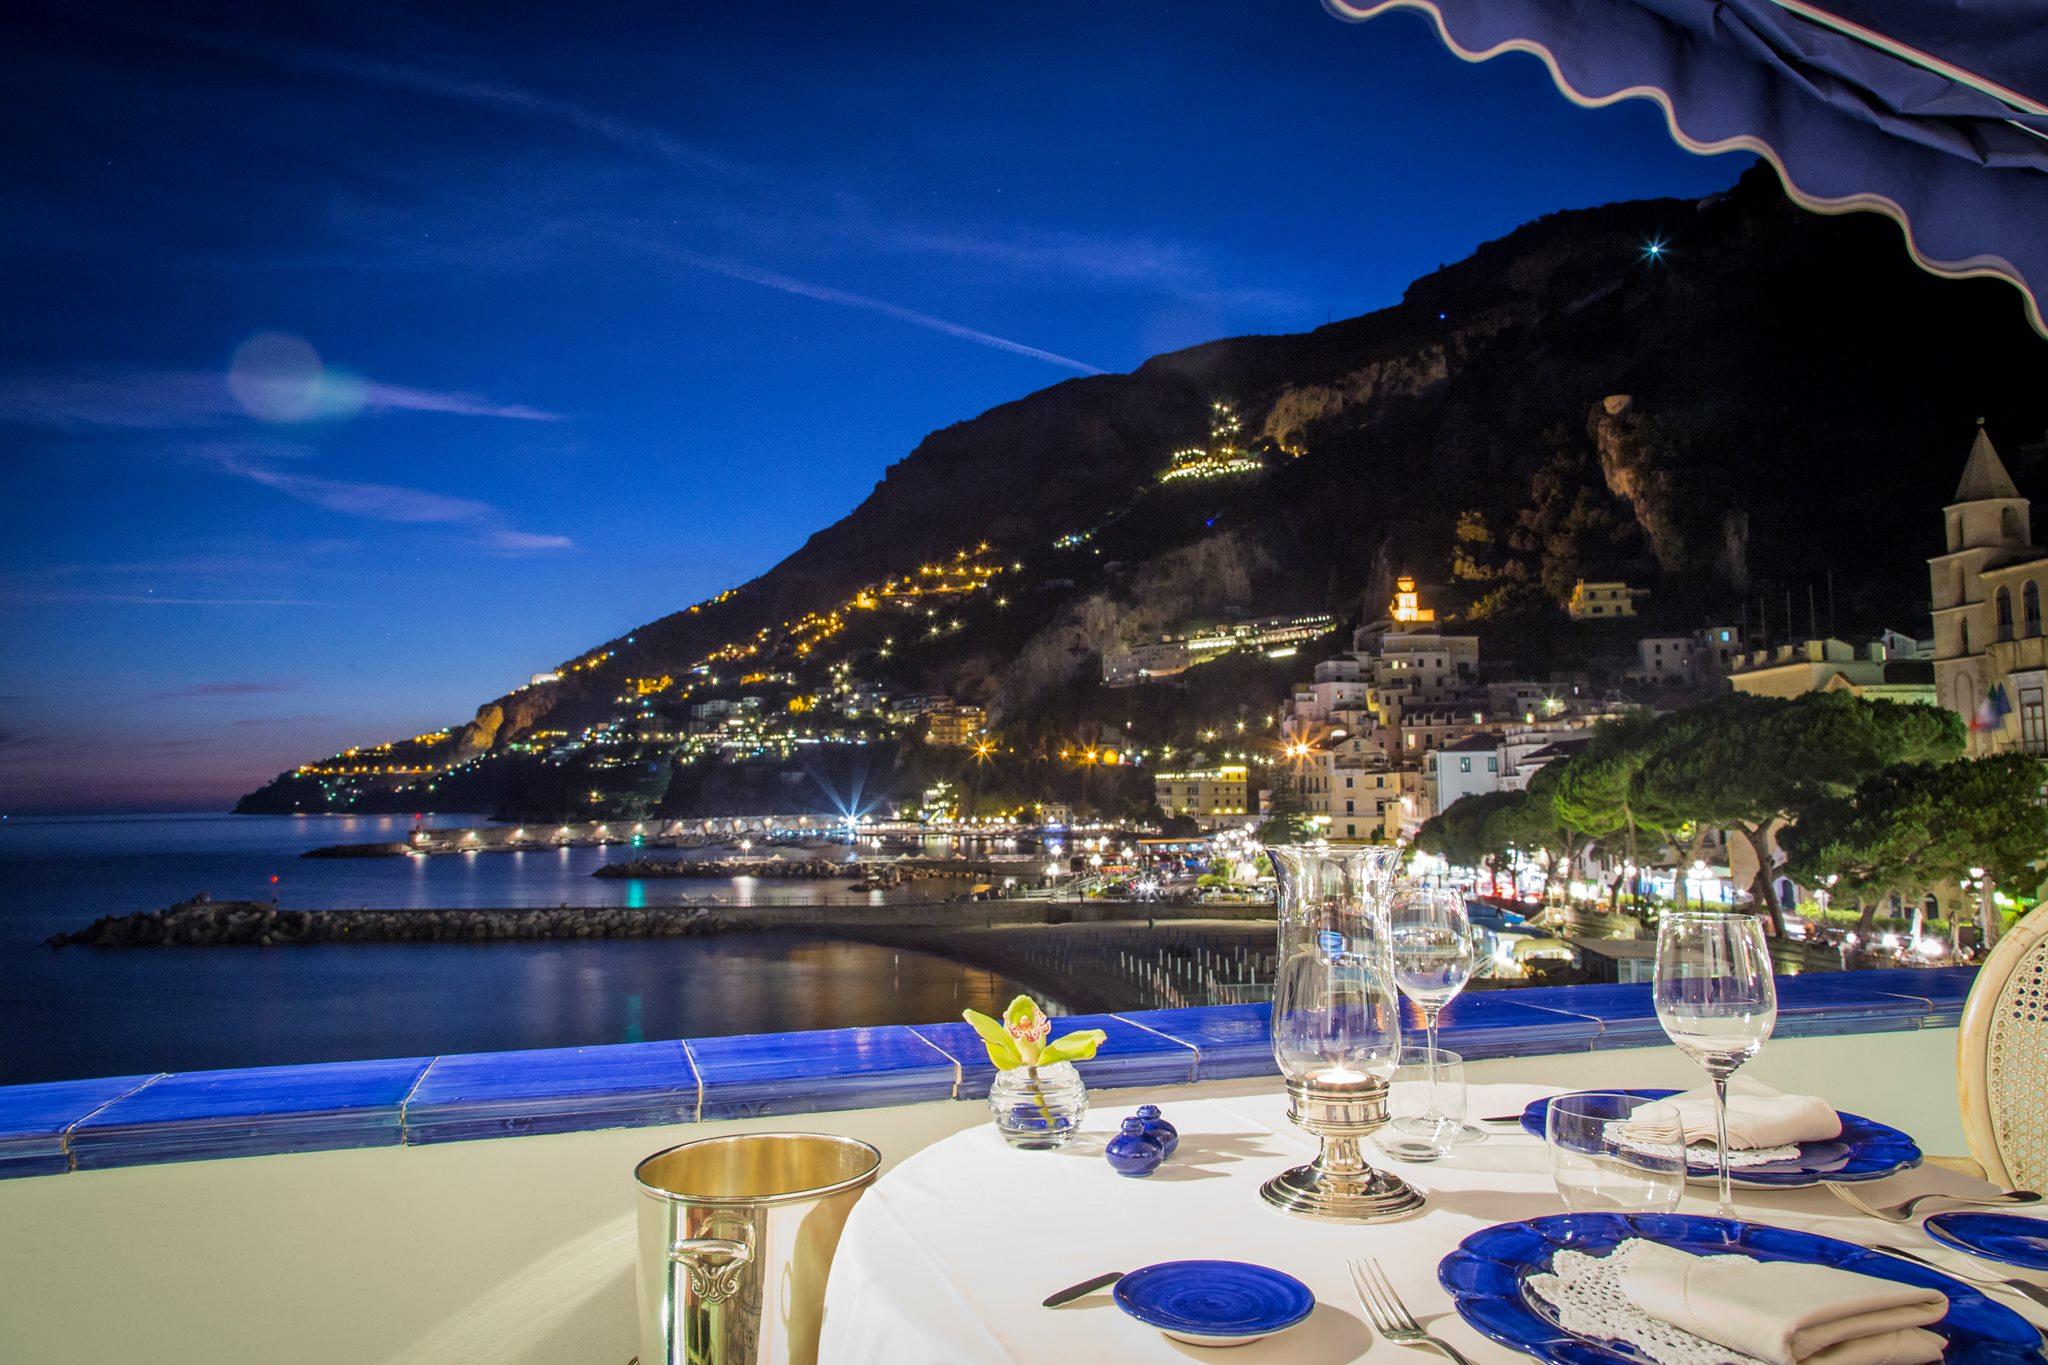 Eolo Amalfi Coast